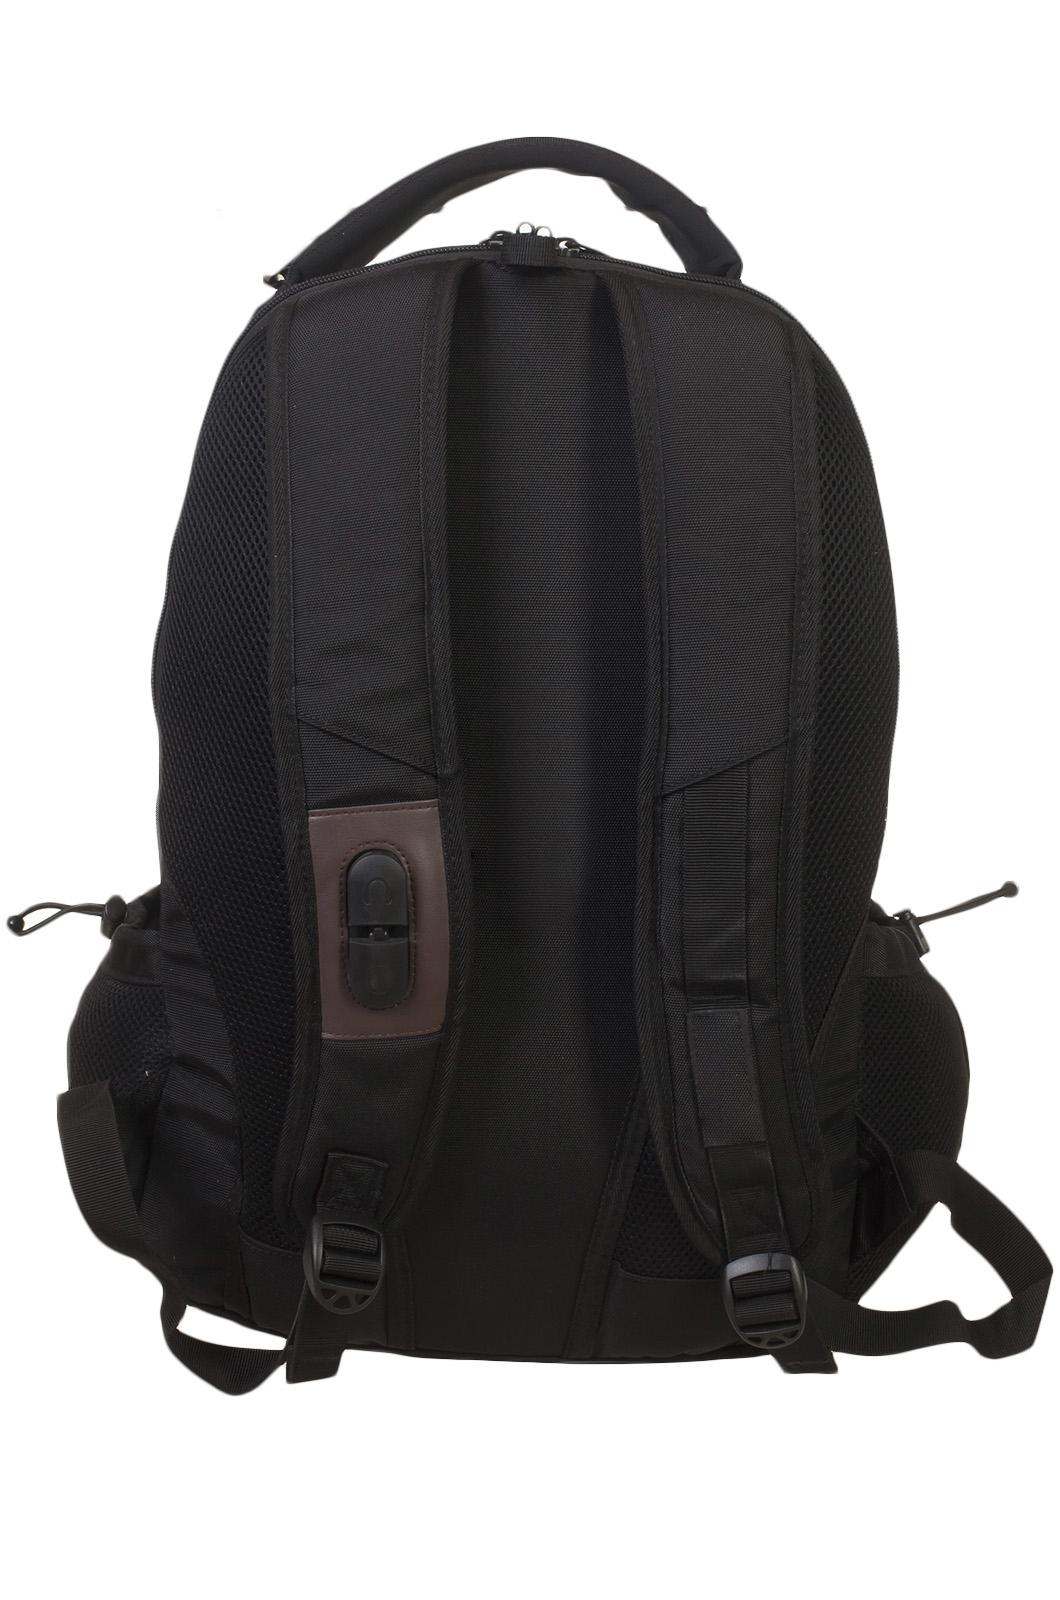 Крутой практичный рюкзак с нашивкой Танковые Войска - купить в подарок